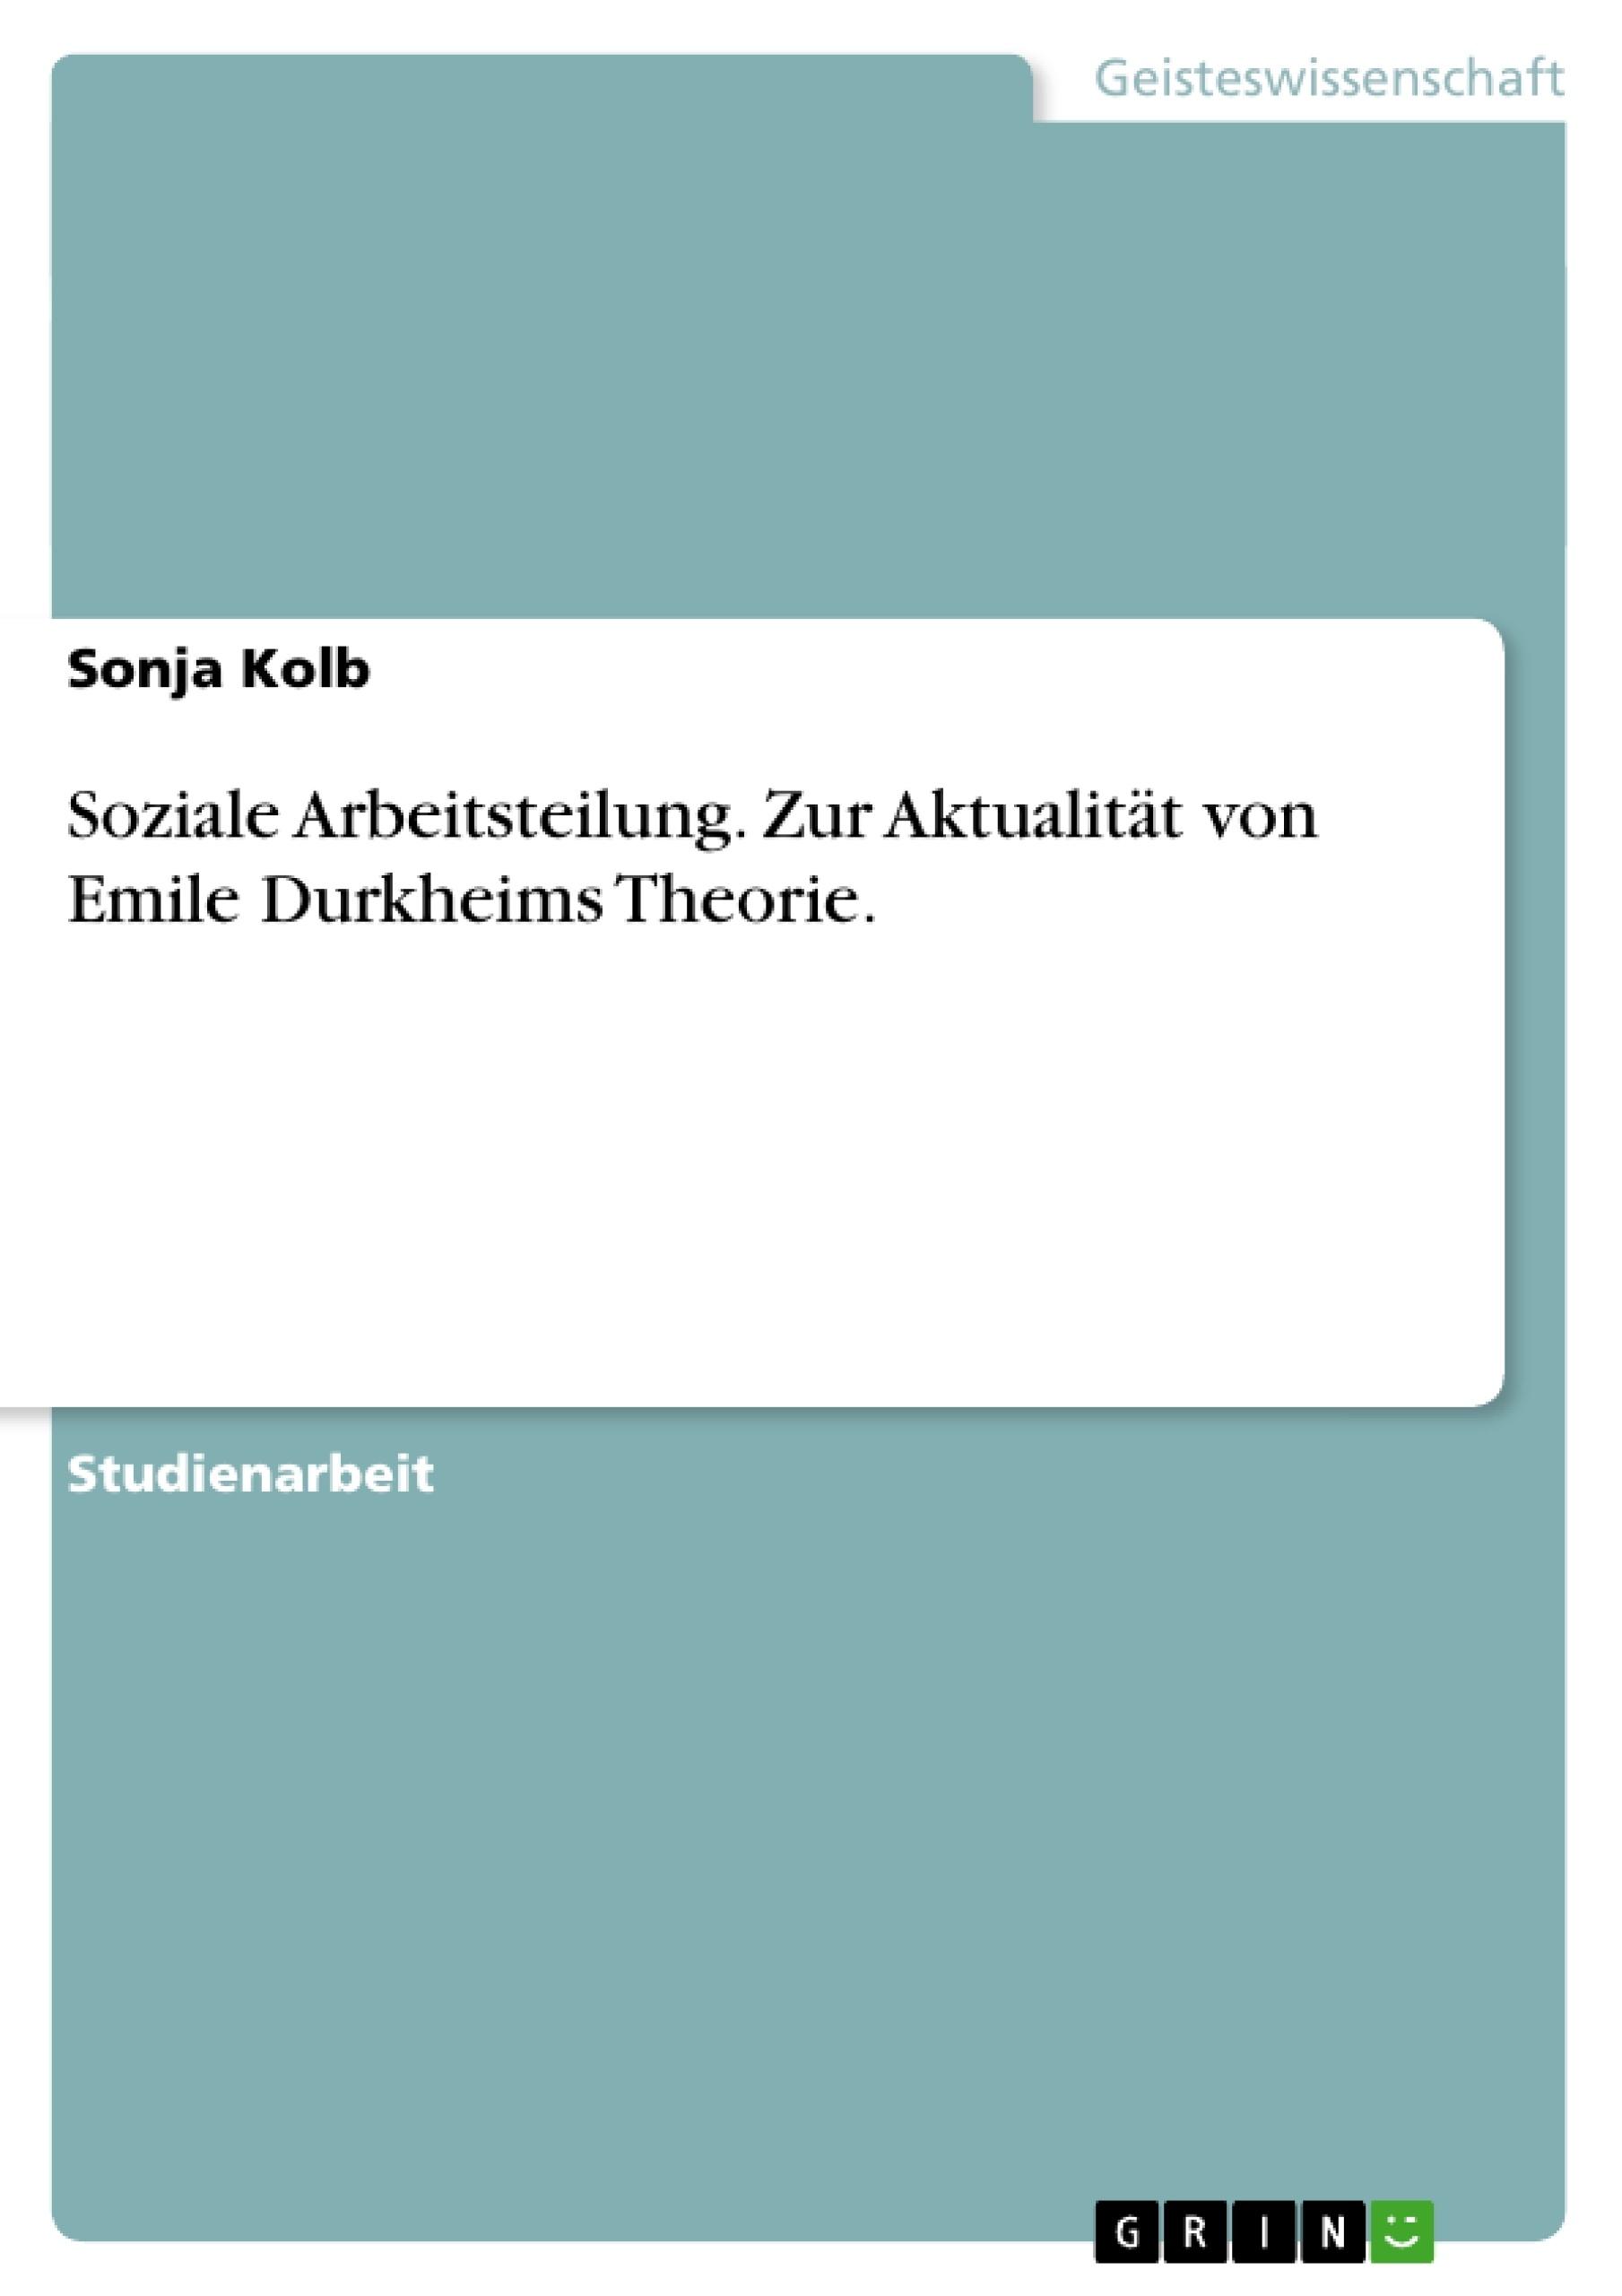 Titel: Soziale Arbeitsteilung. Zur Aktualität von Emile Durkheims Theorie.